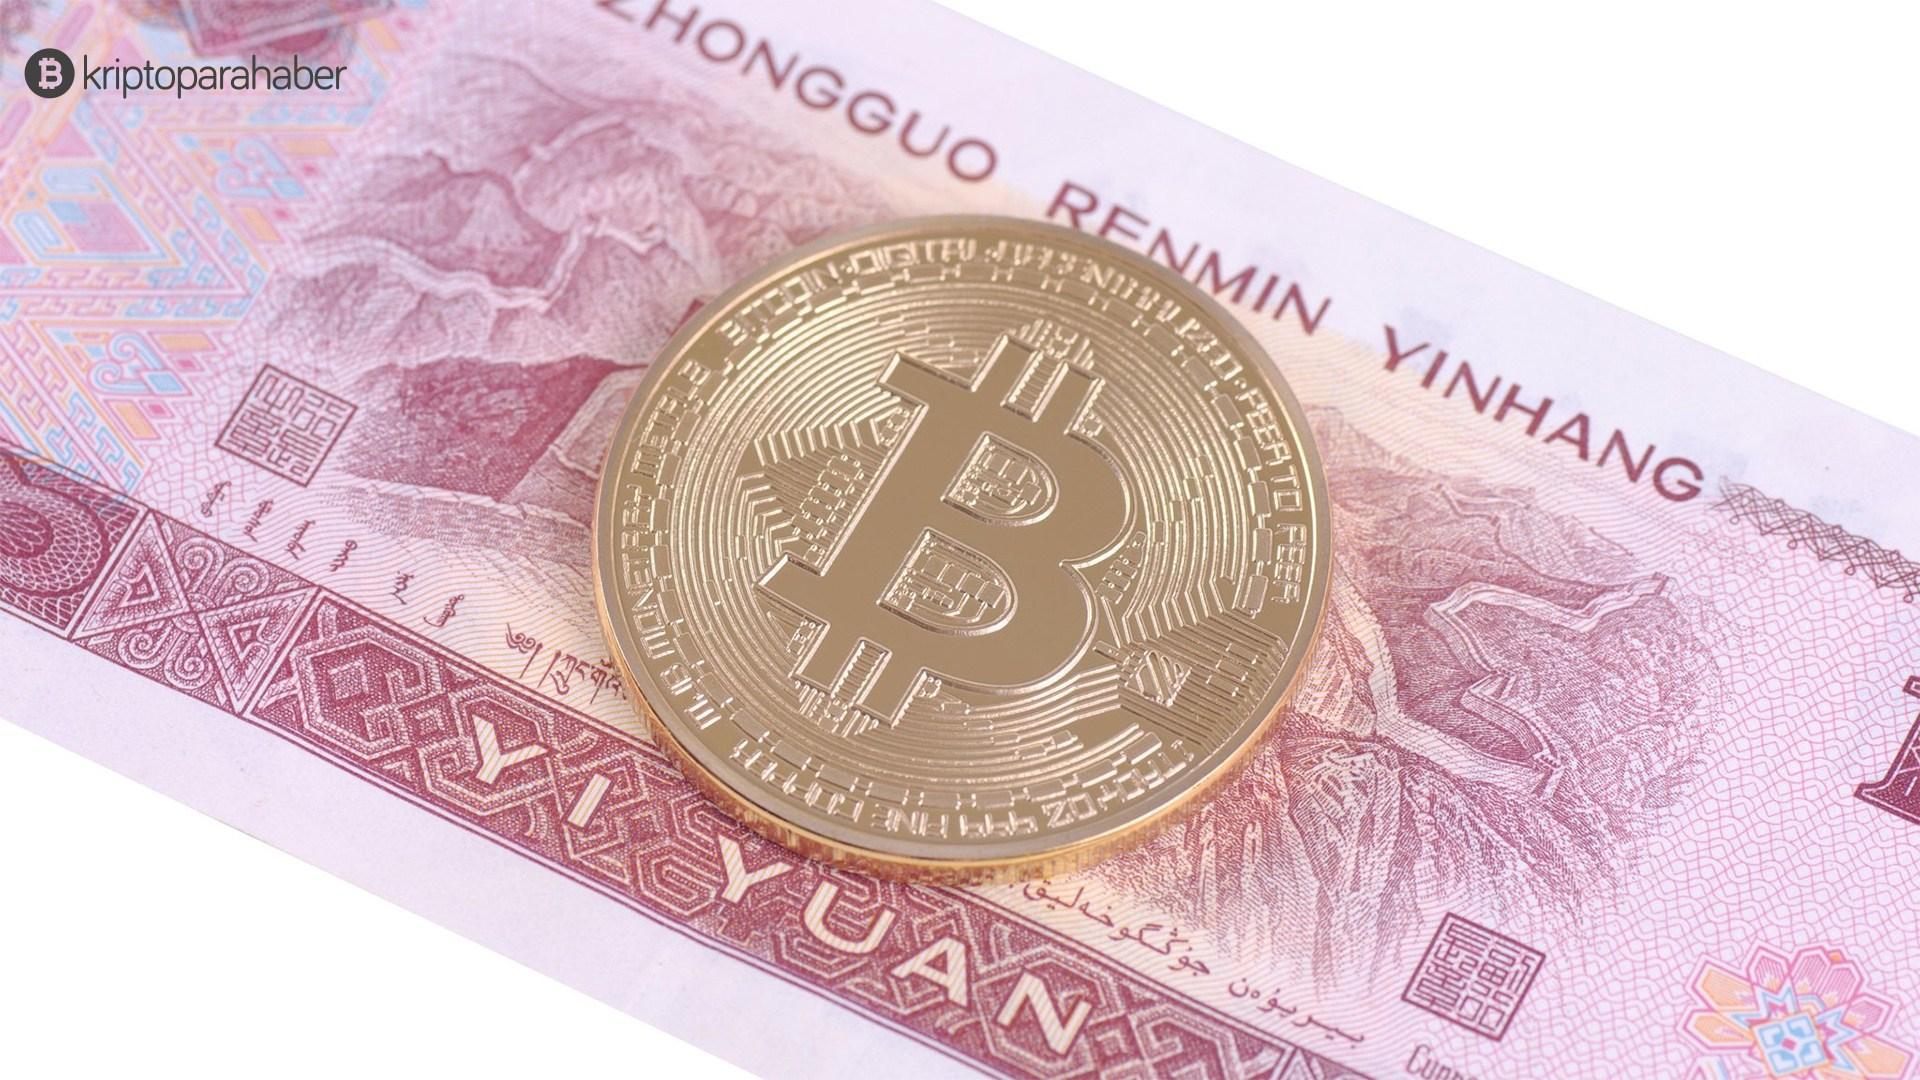 Çin'den dev adım: Pekin'de binlerce ATM dijital yuanı nakde dönüştürebilecek!